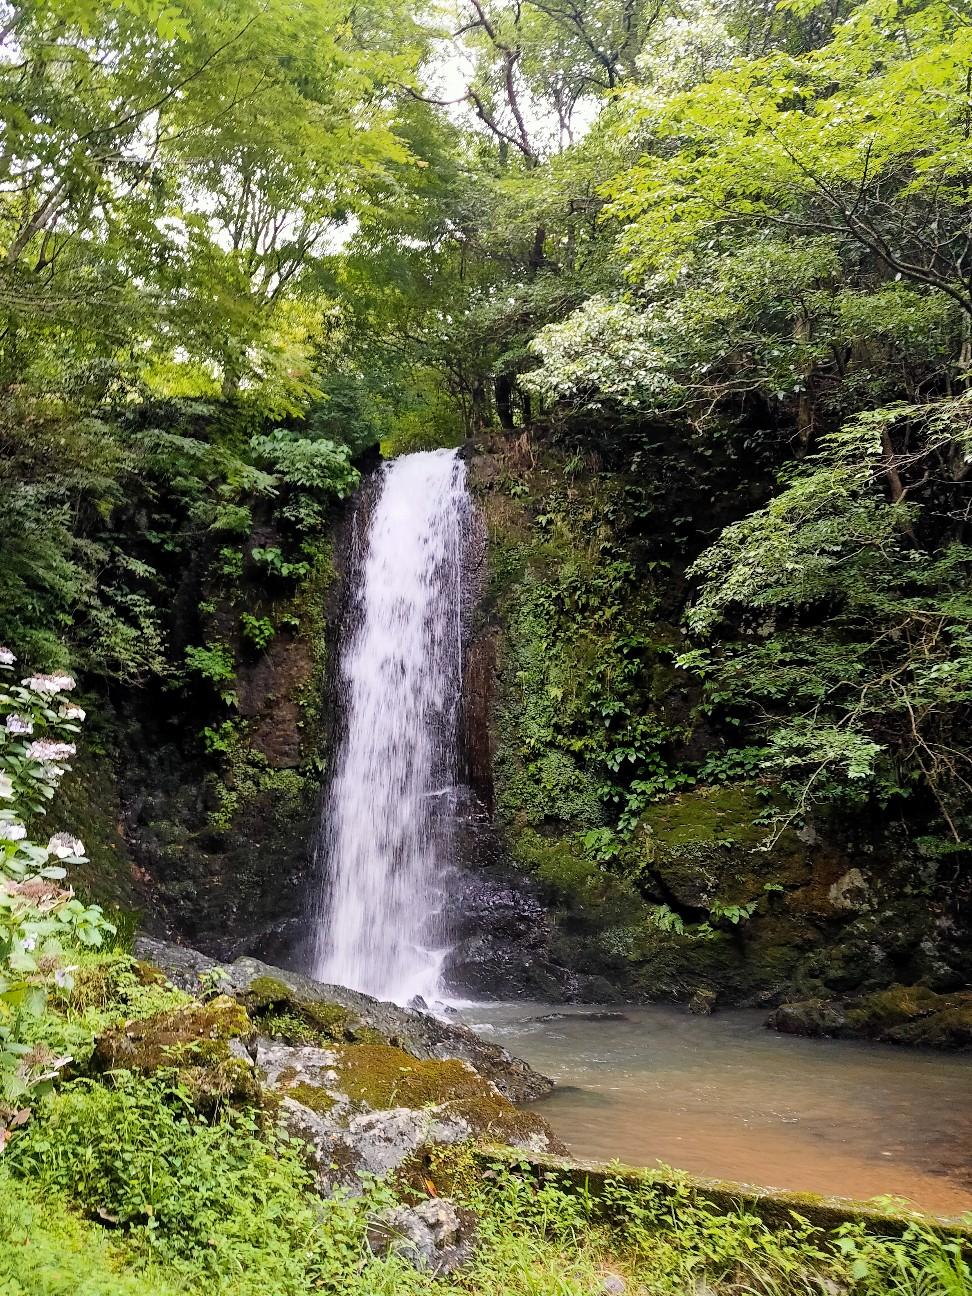 f:id:shingo_shiraishi:20210718153622j:image